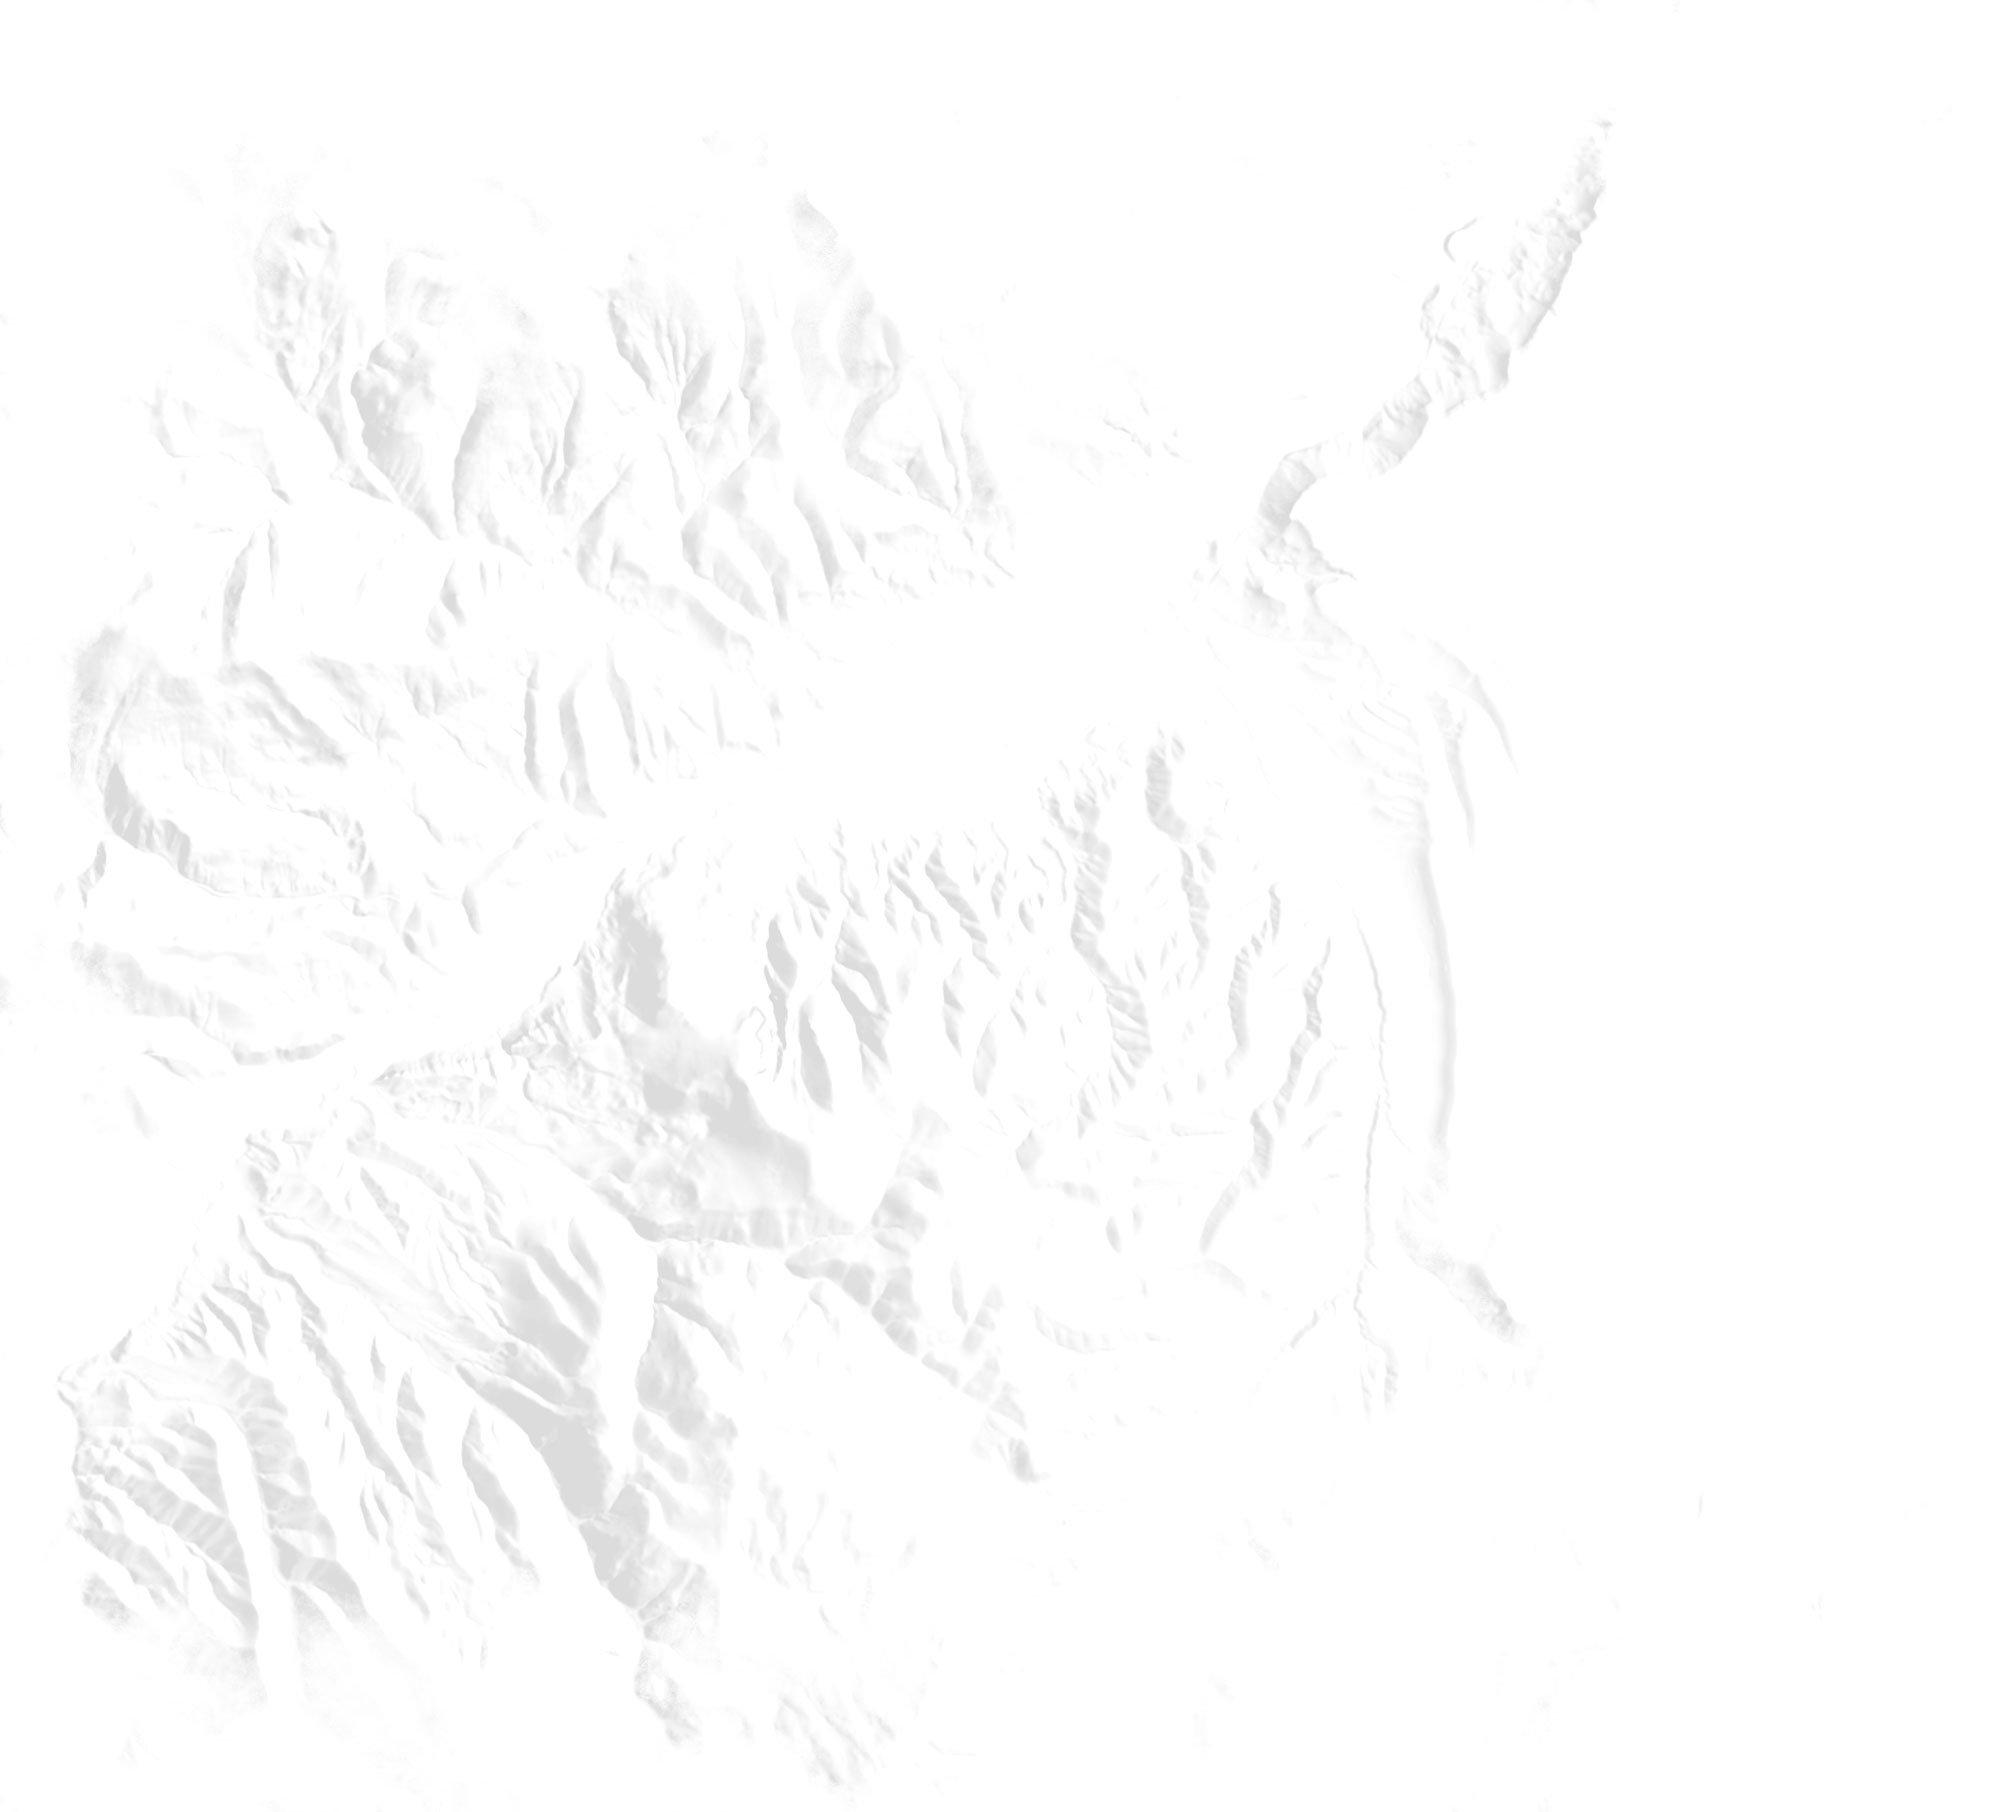 ShadedContourImagery_WhiteOptimized-2000px